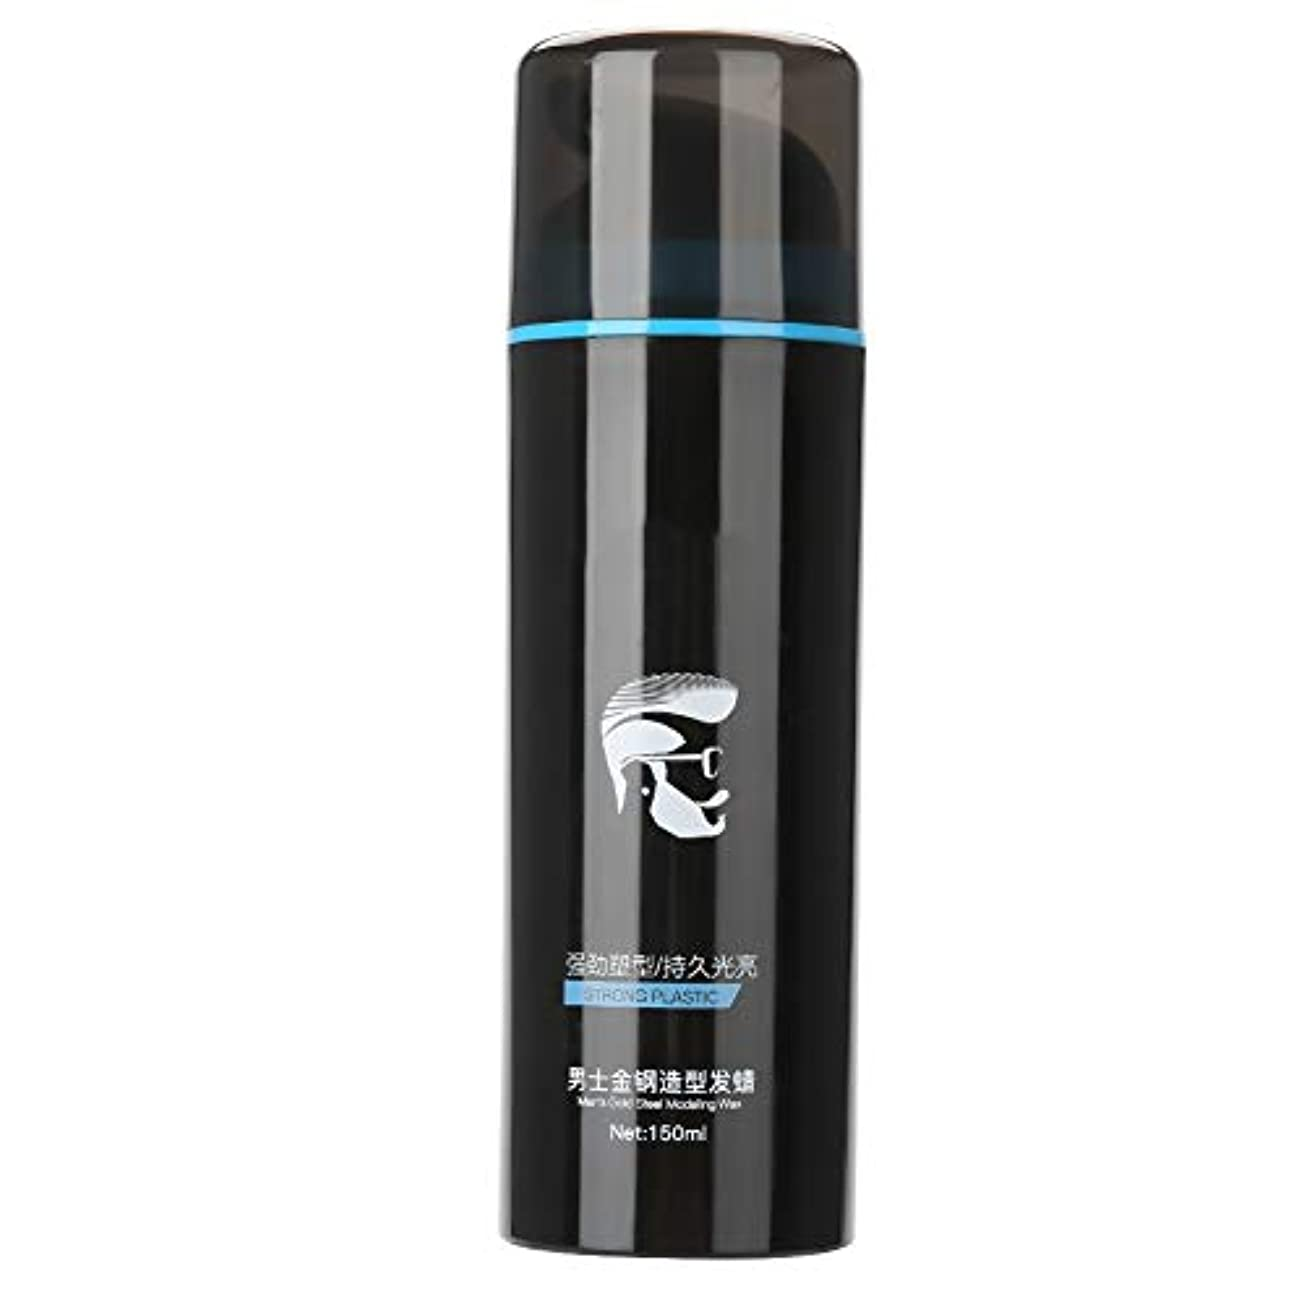 ストロングポマードロングラスティング150mlストロングポマードロングラスティングヘアスタイルジェルヘアモデルジェル